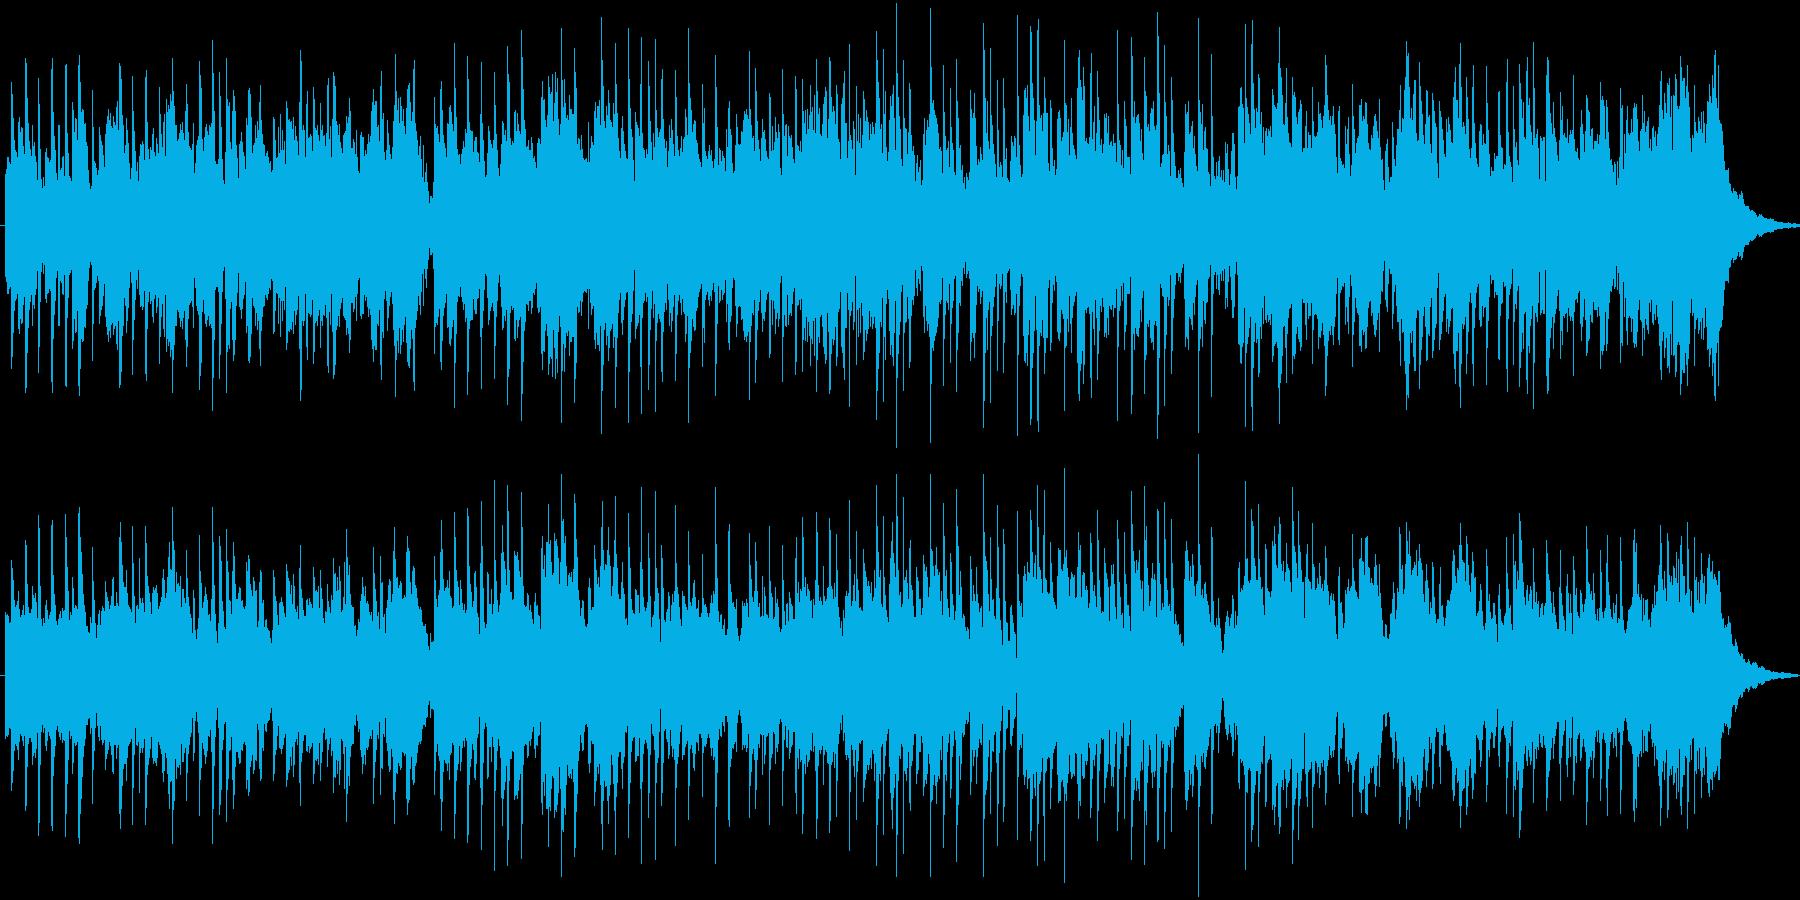 暖かいアルペジオ主体の曲の再生済みの波形